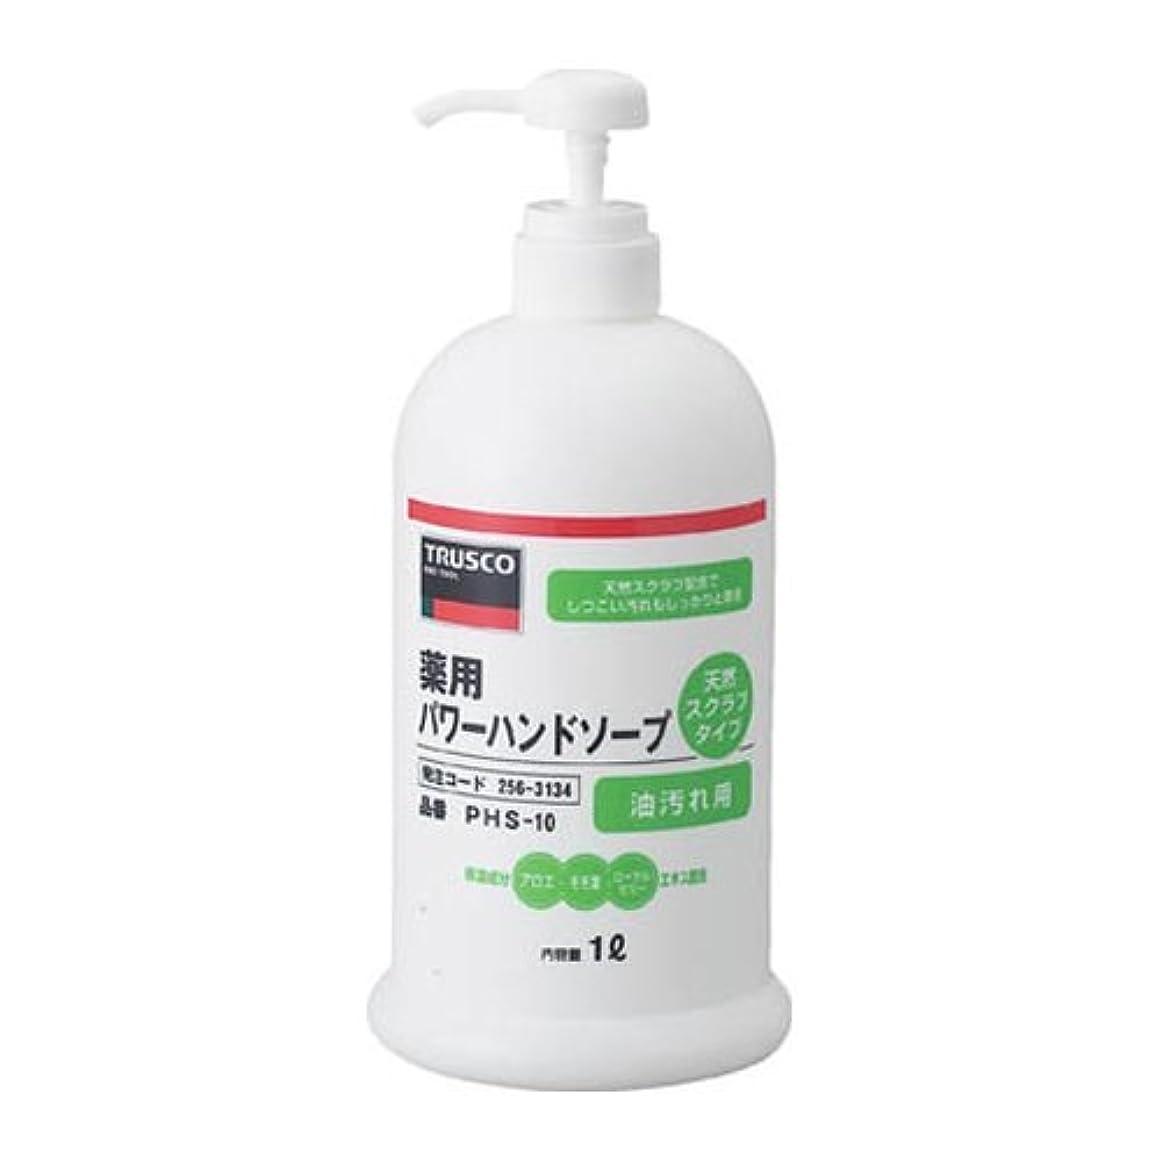 雪だるまを作る貴重な助言TRUSCO 薬用パワーハンドソープポンプボトル1.0L